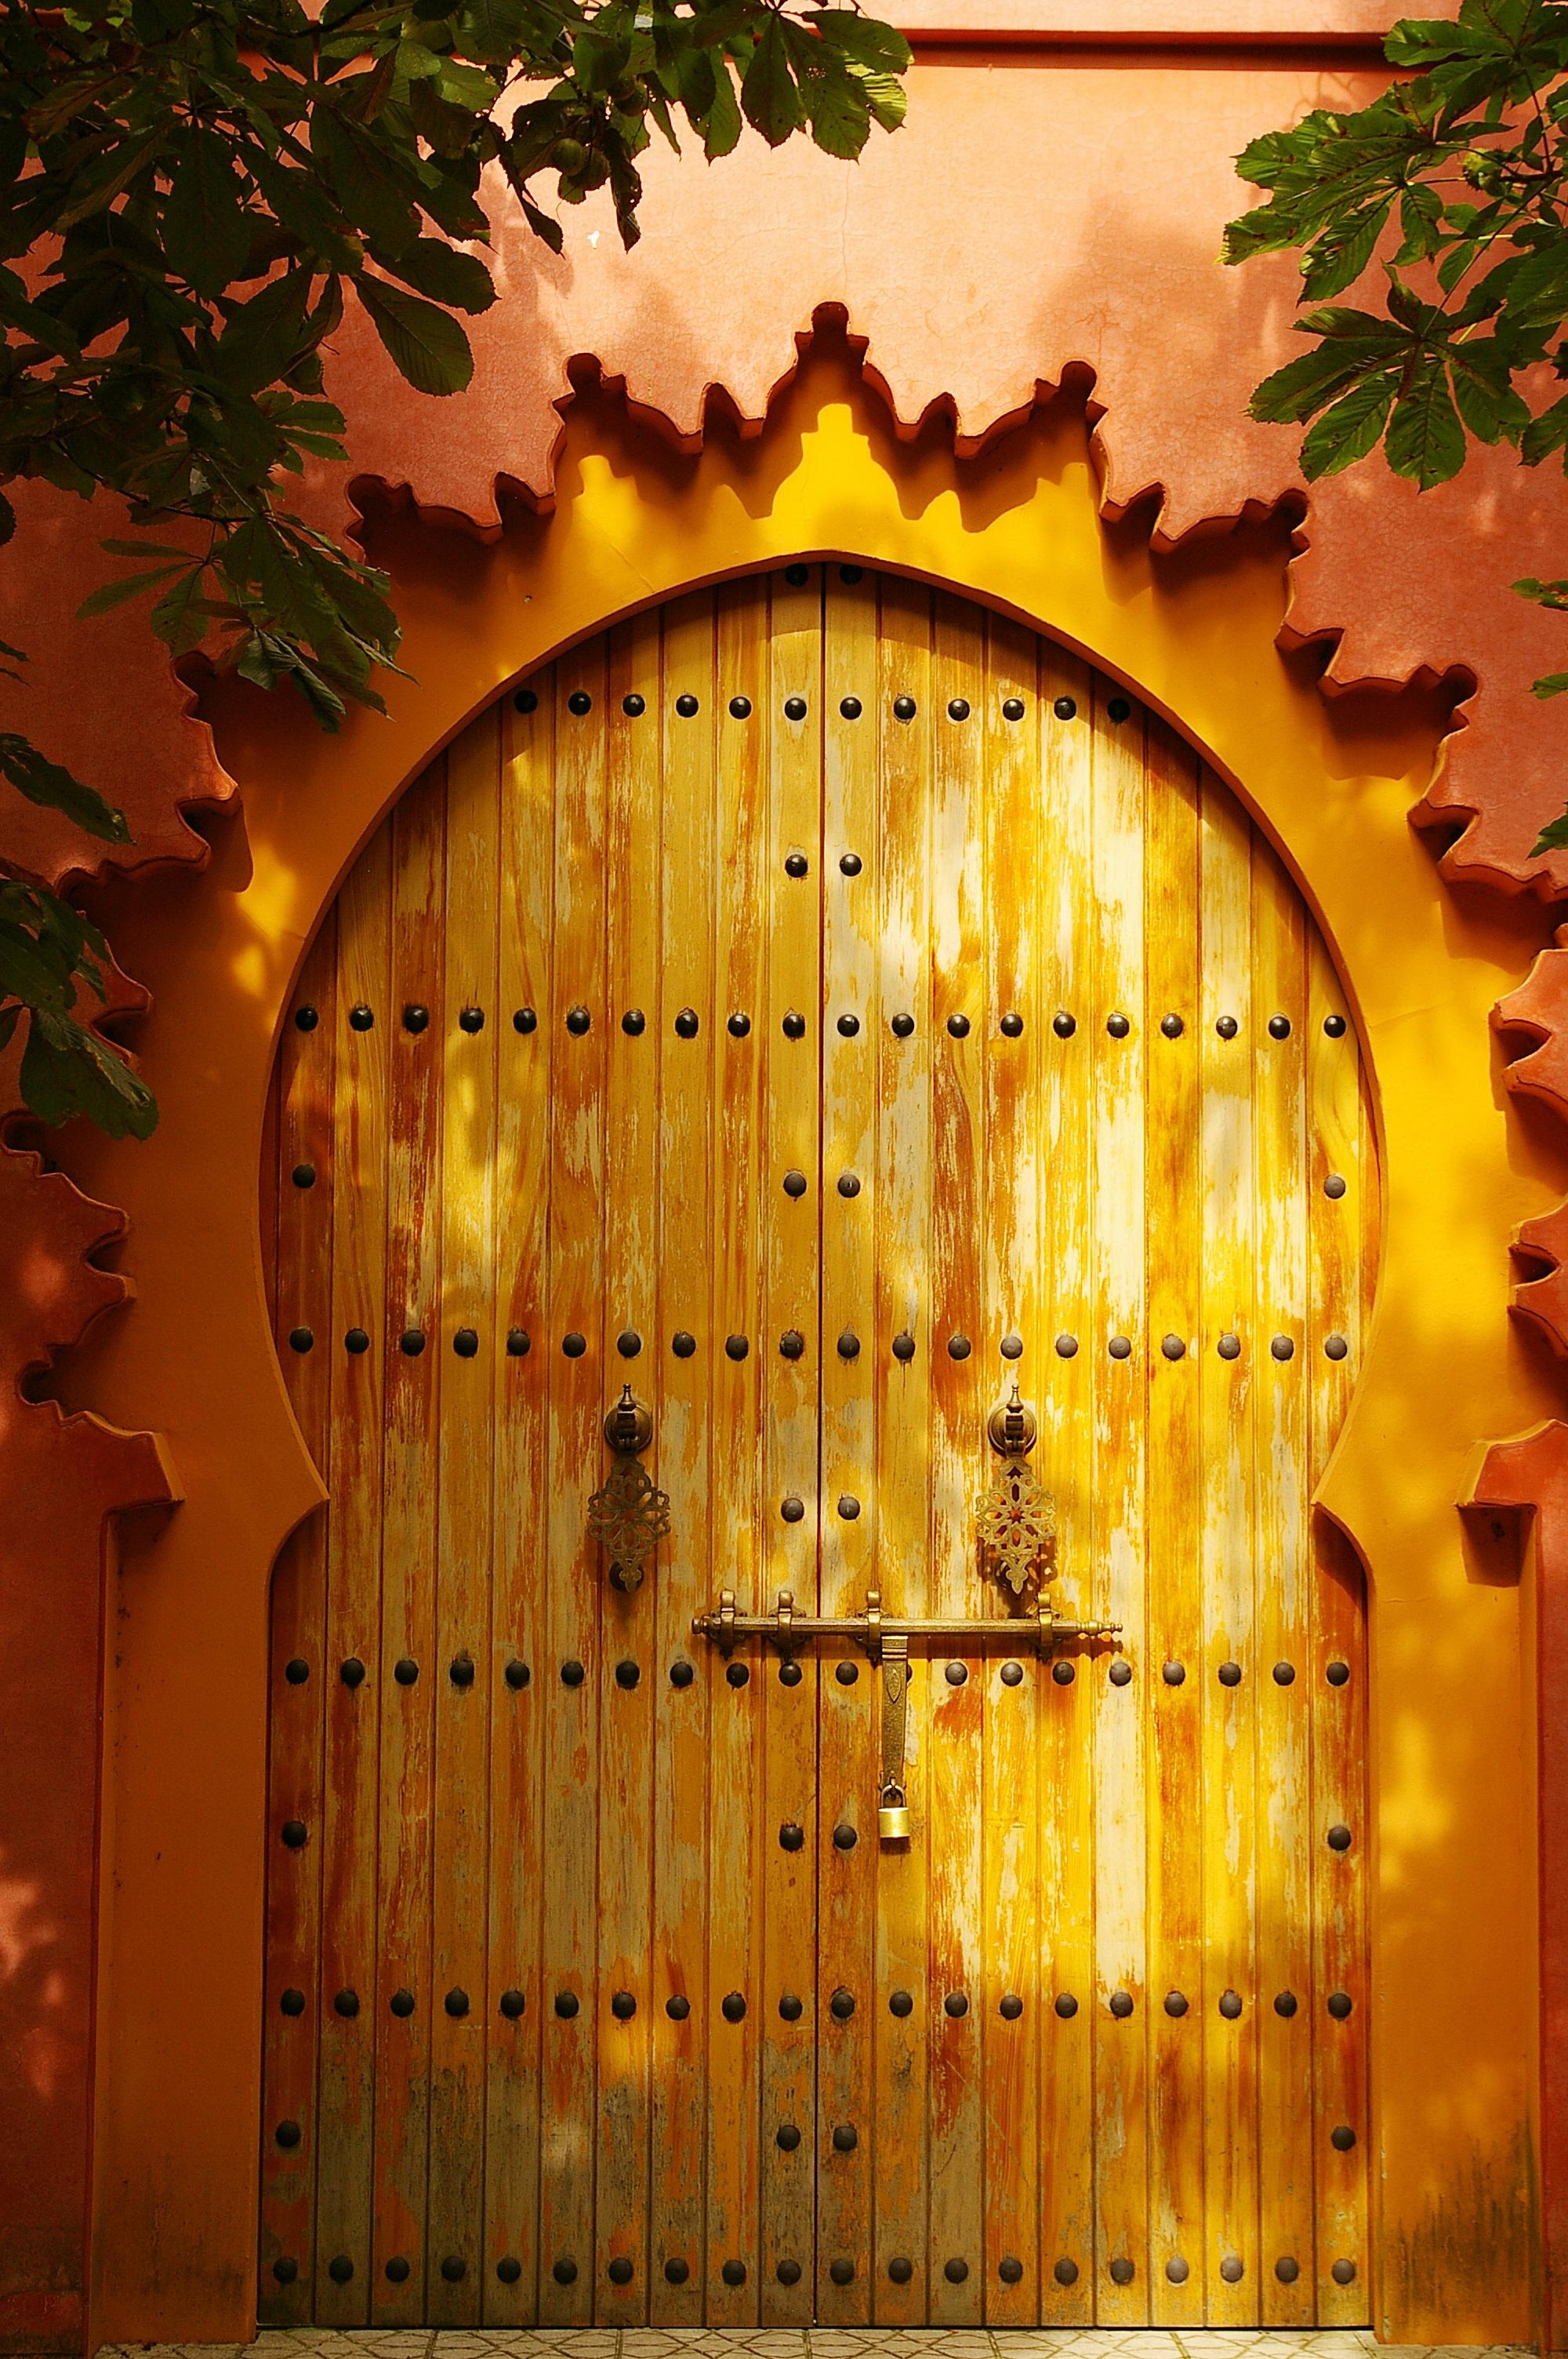 images gratuites lumi re du soleil mur cambre orange mod le couleur l 39 automne jaune. Black Bedroom Furniture Sets. Home Design Ideas